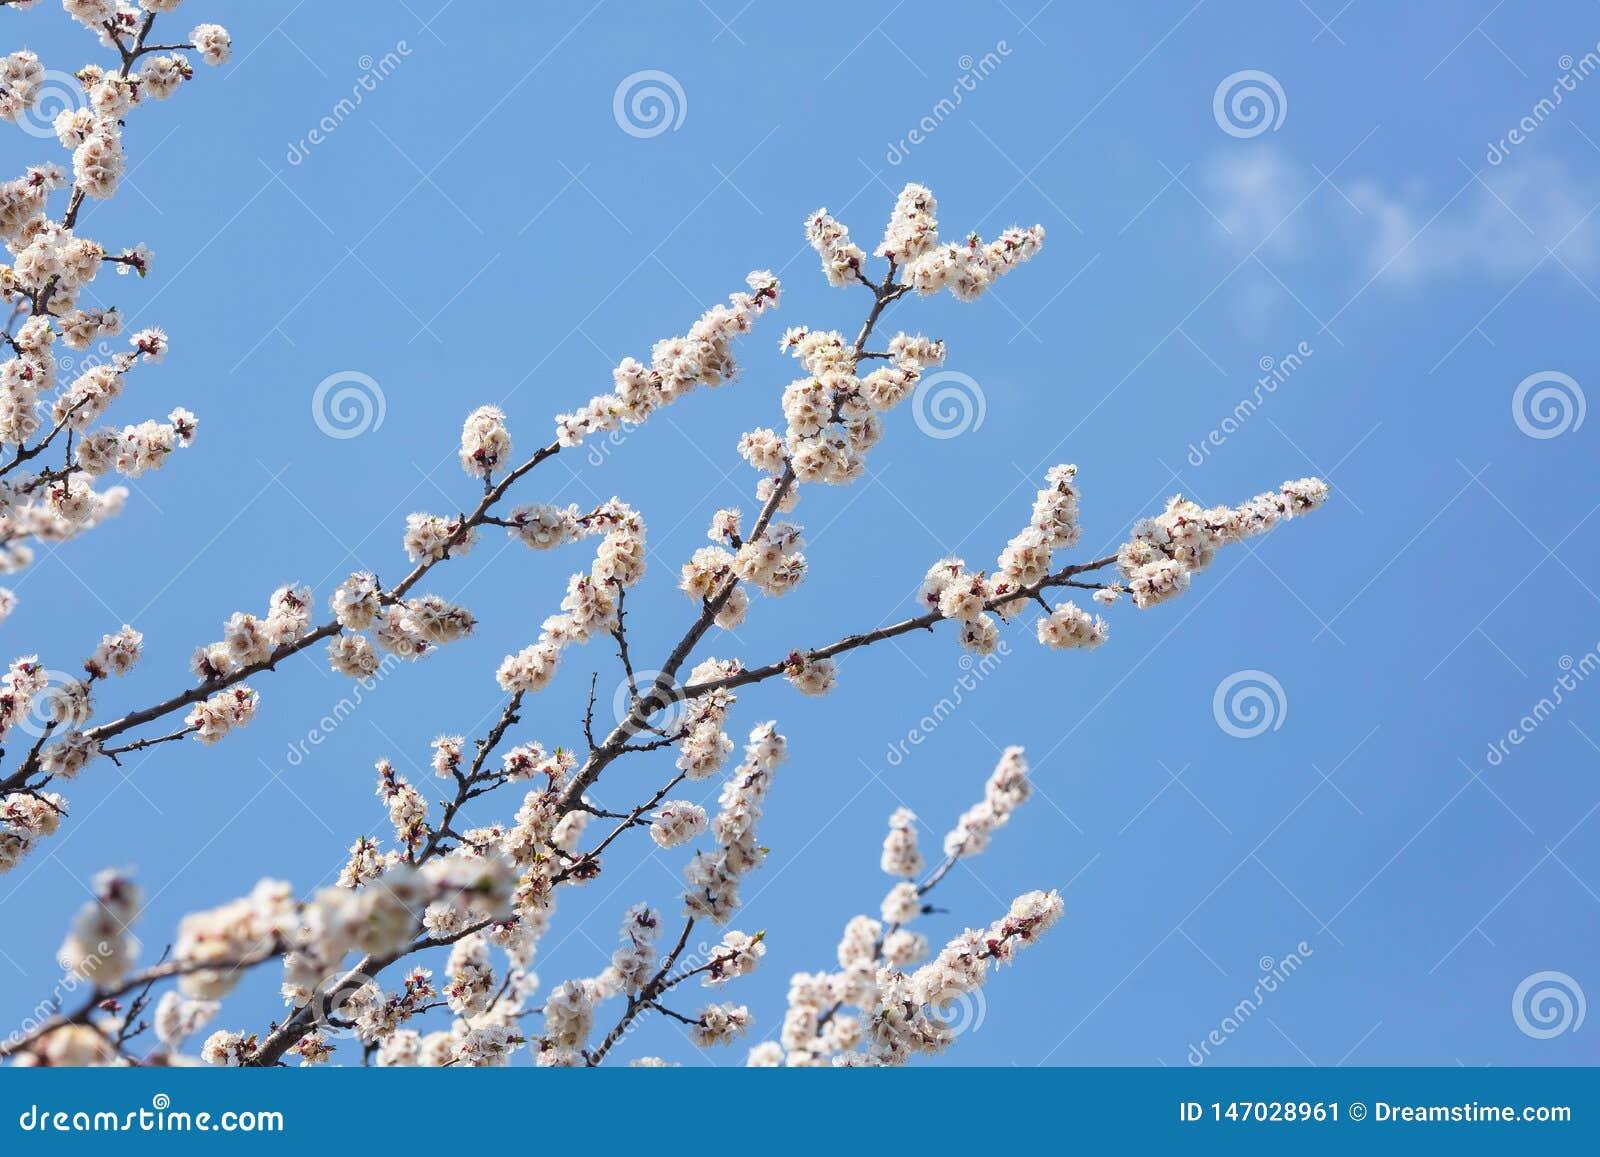 Ramas de florecimiento de árboles contra el cielo